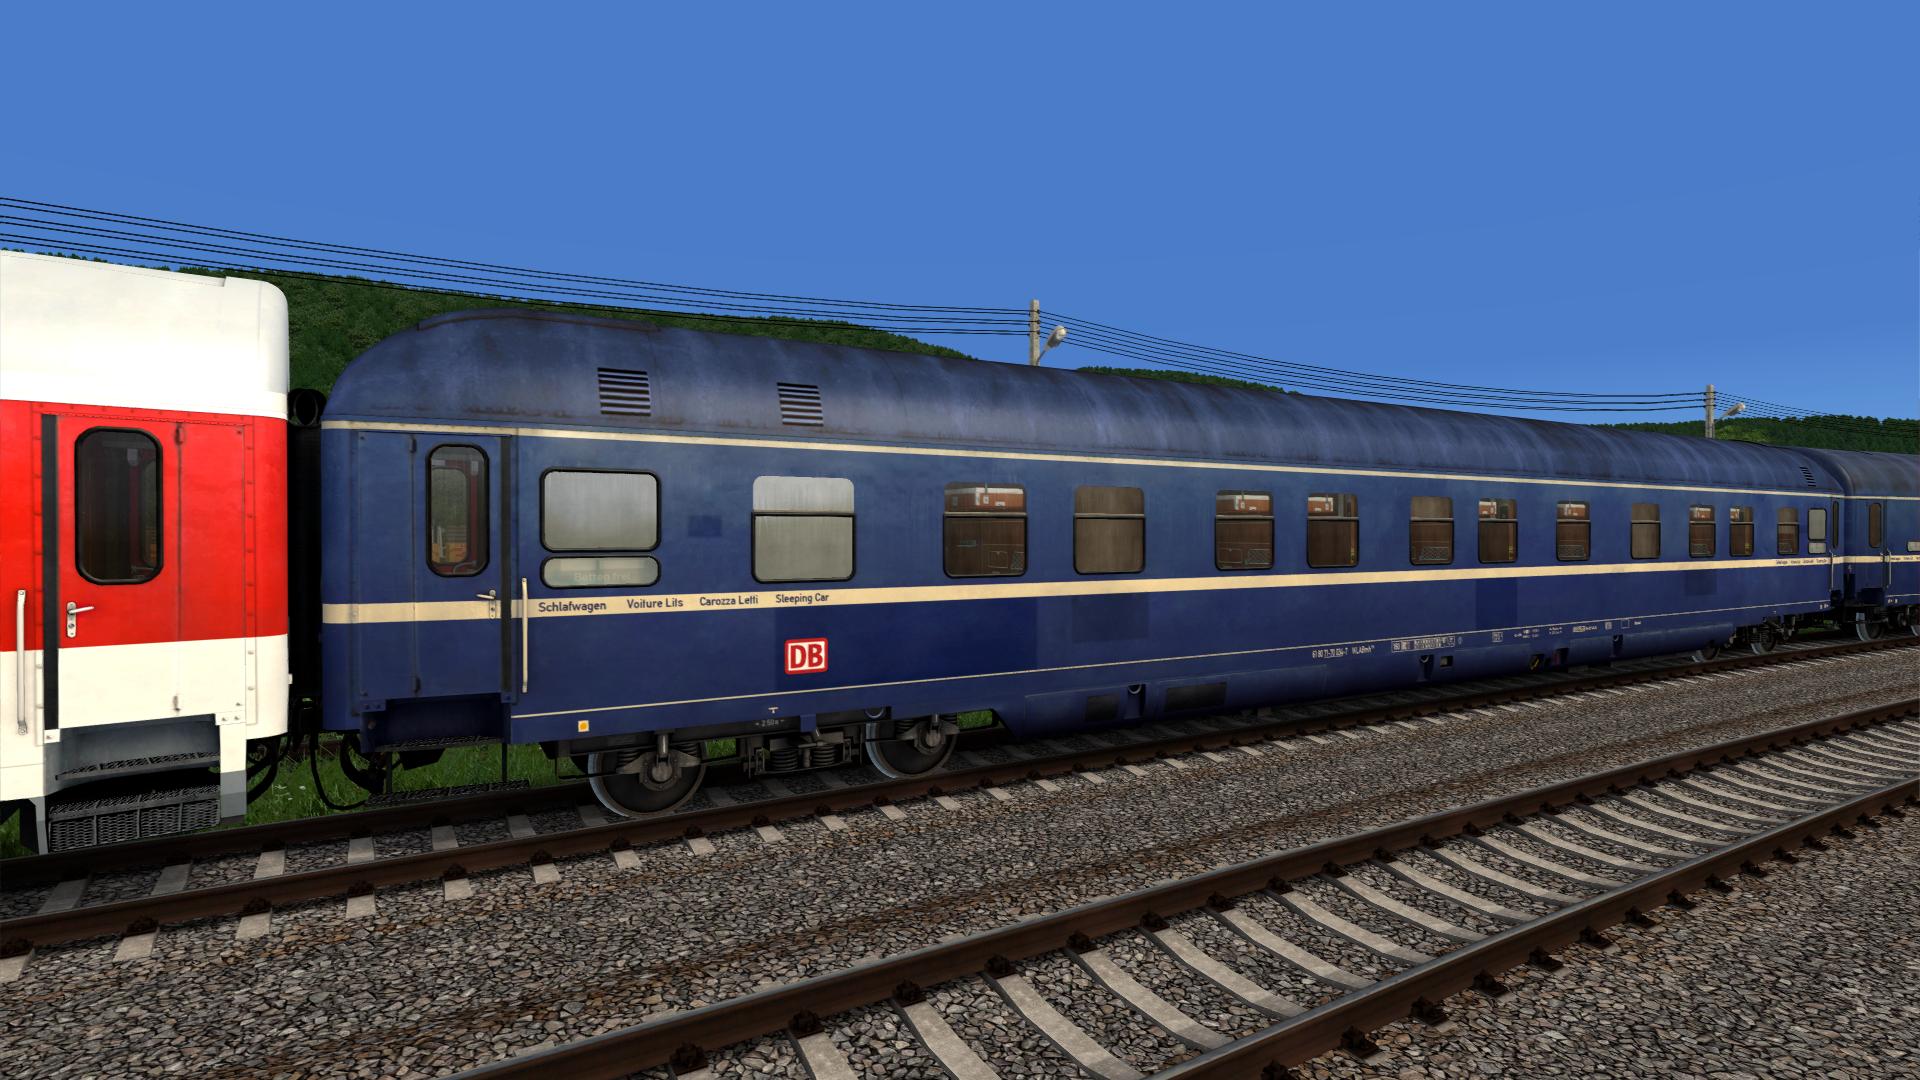 RailWorks64 2021-03-21 15-30-56